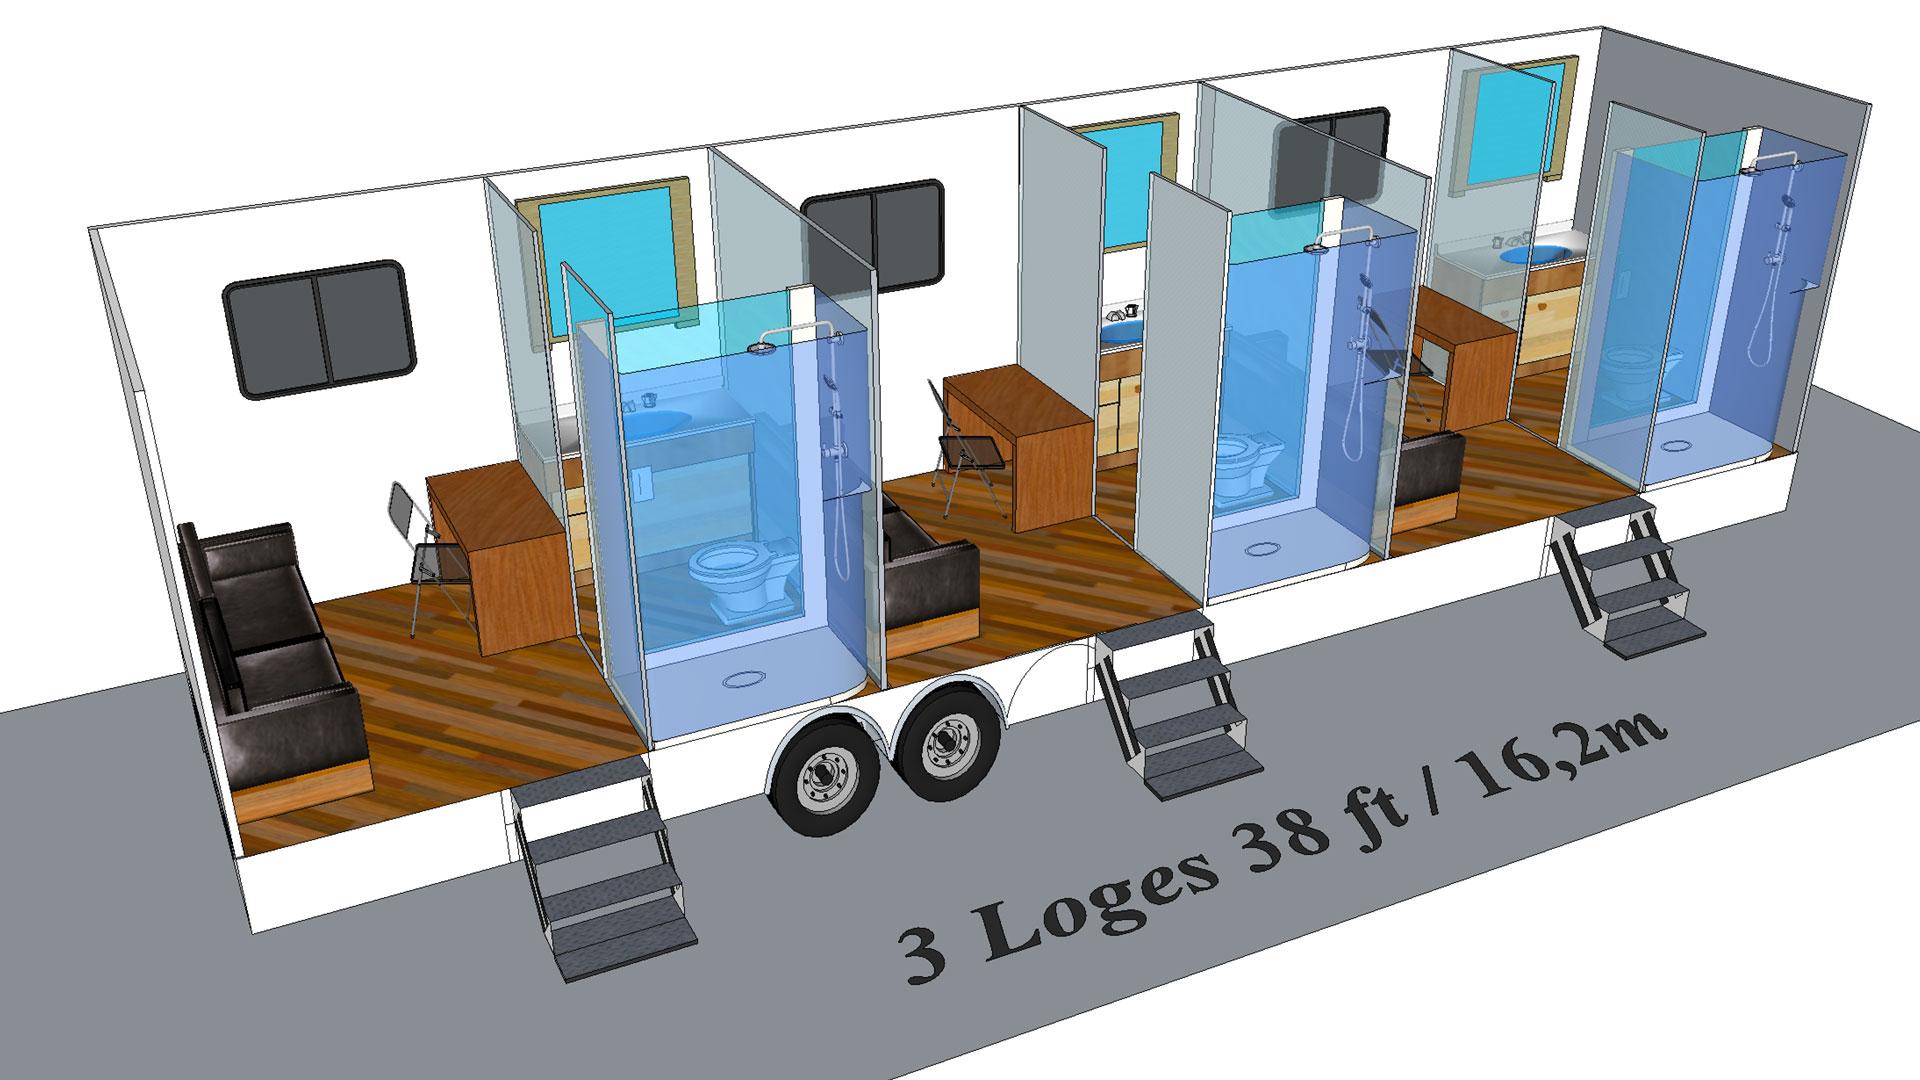 3 Loges modèle 3D